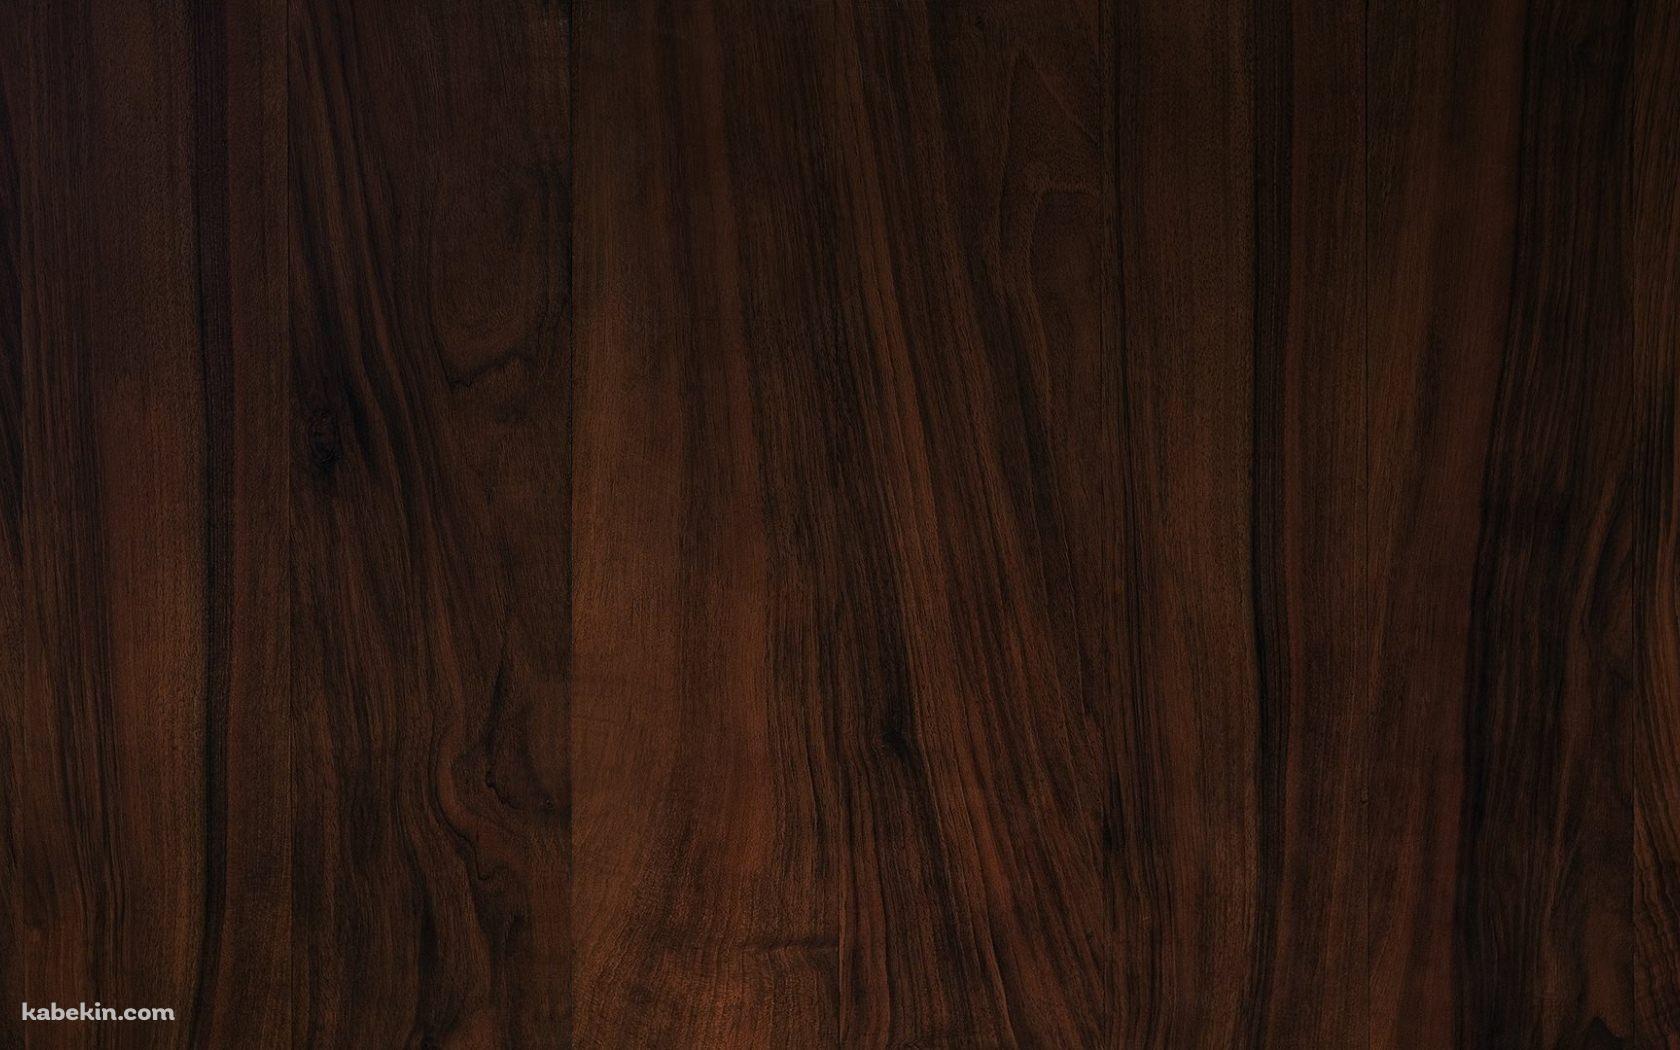 ダークウッド テクスチャー 1680 X 1050 の壁紙 壁紙キングダム Pc デスクトップ版 ダークウッドの床 木のテクスチャ 床